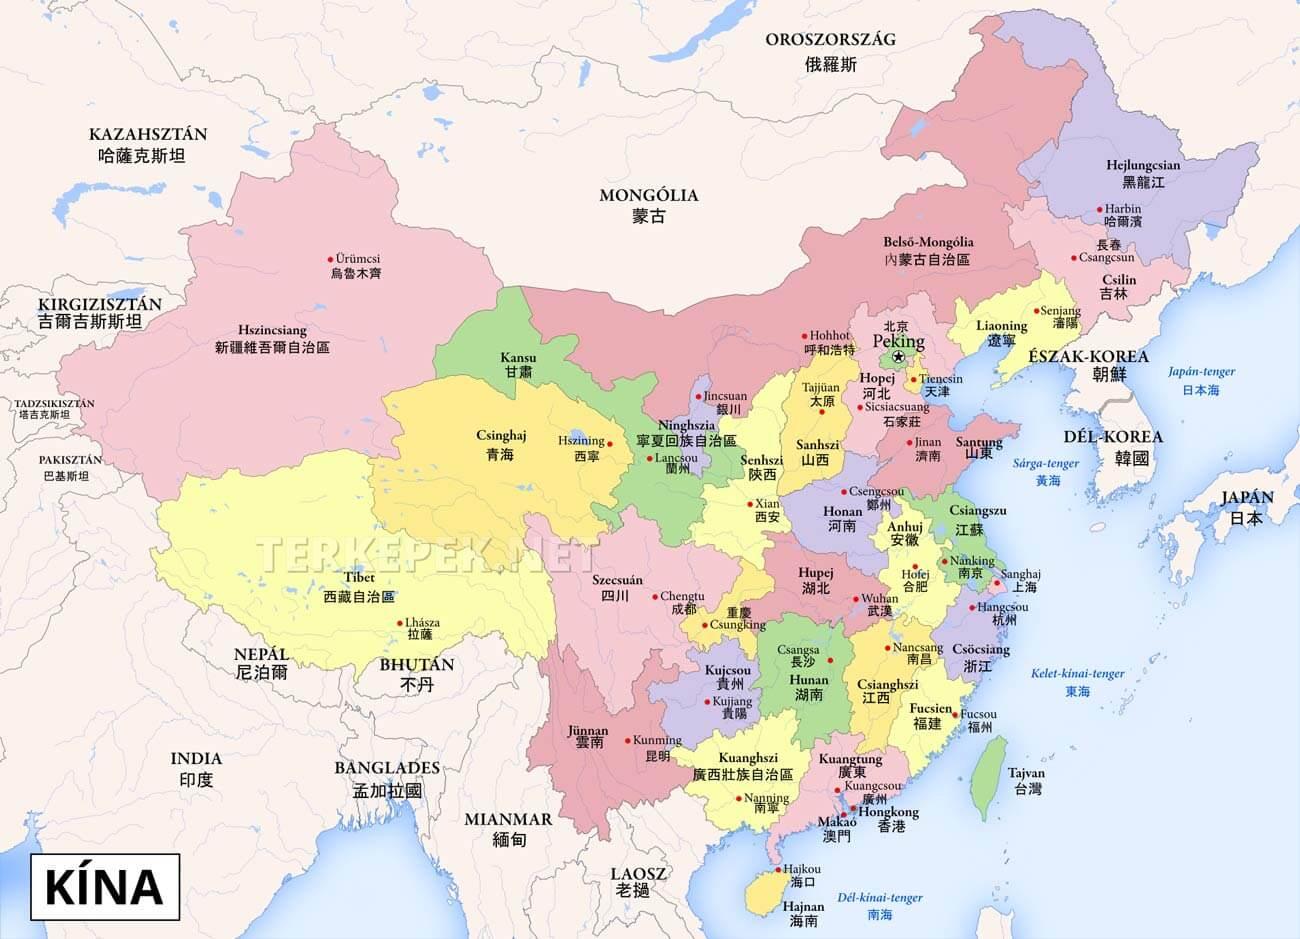 japán domborzati térkép Kína domborzati térképe japán domborzati térkép